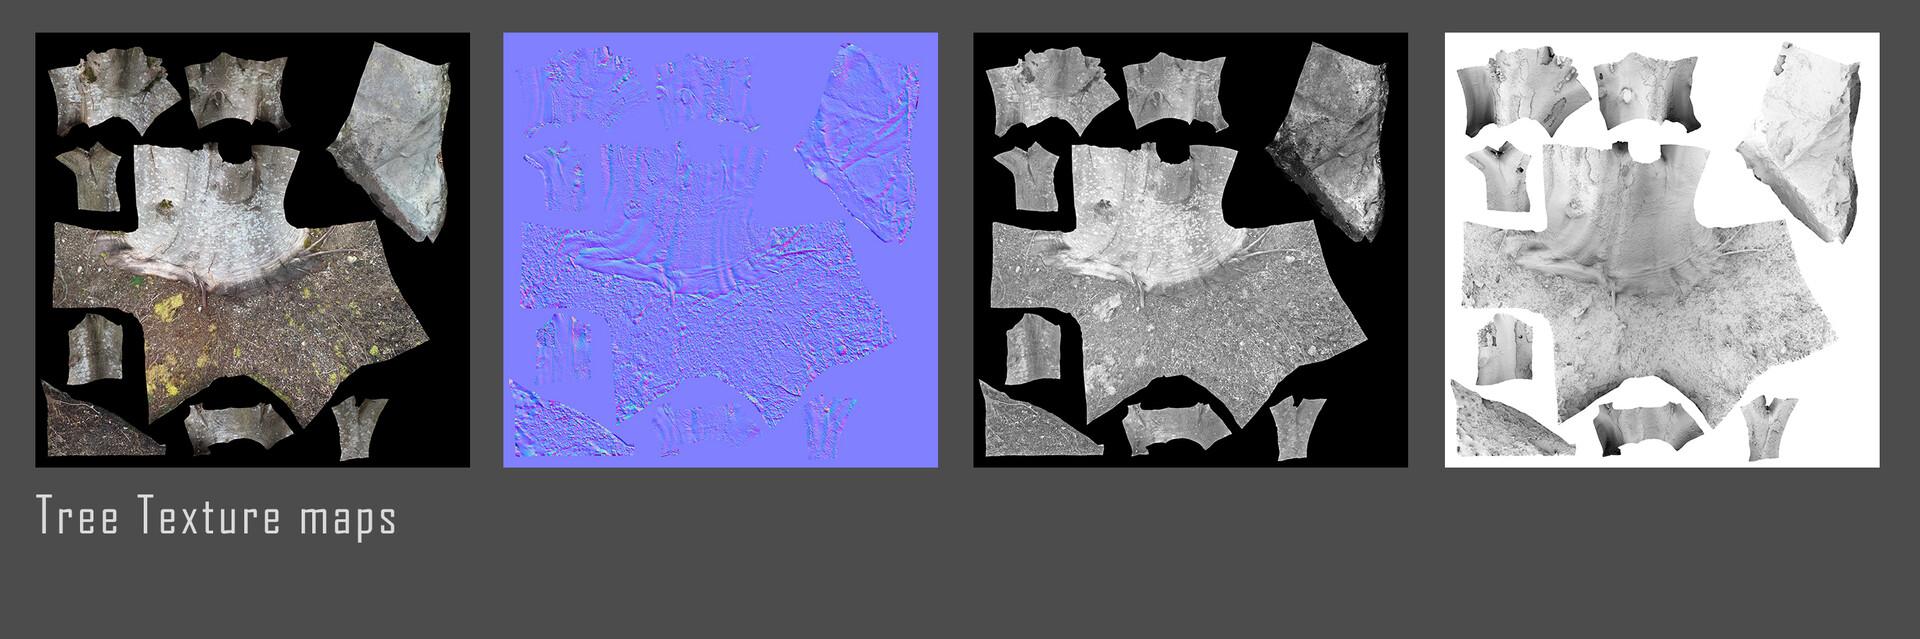 Sherif habashi tree texturemaps